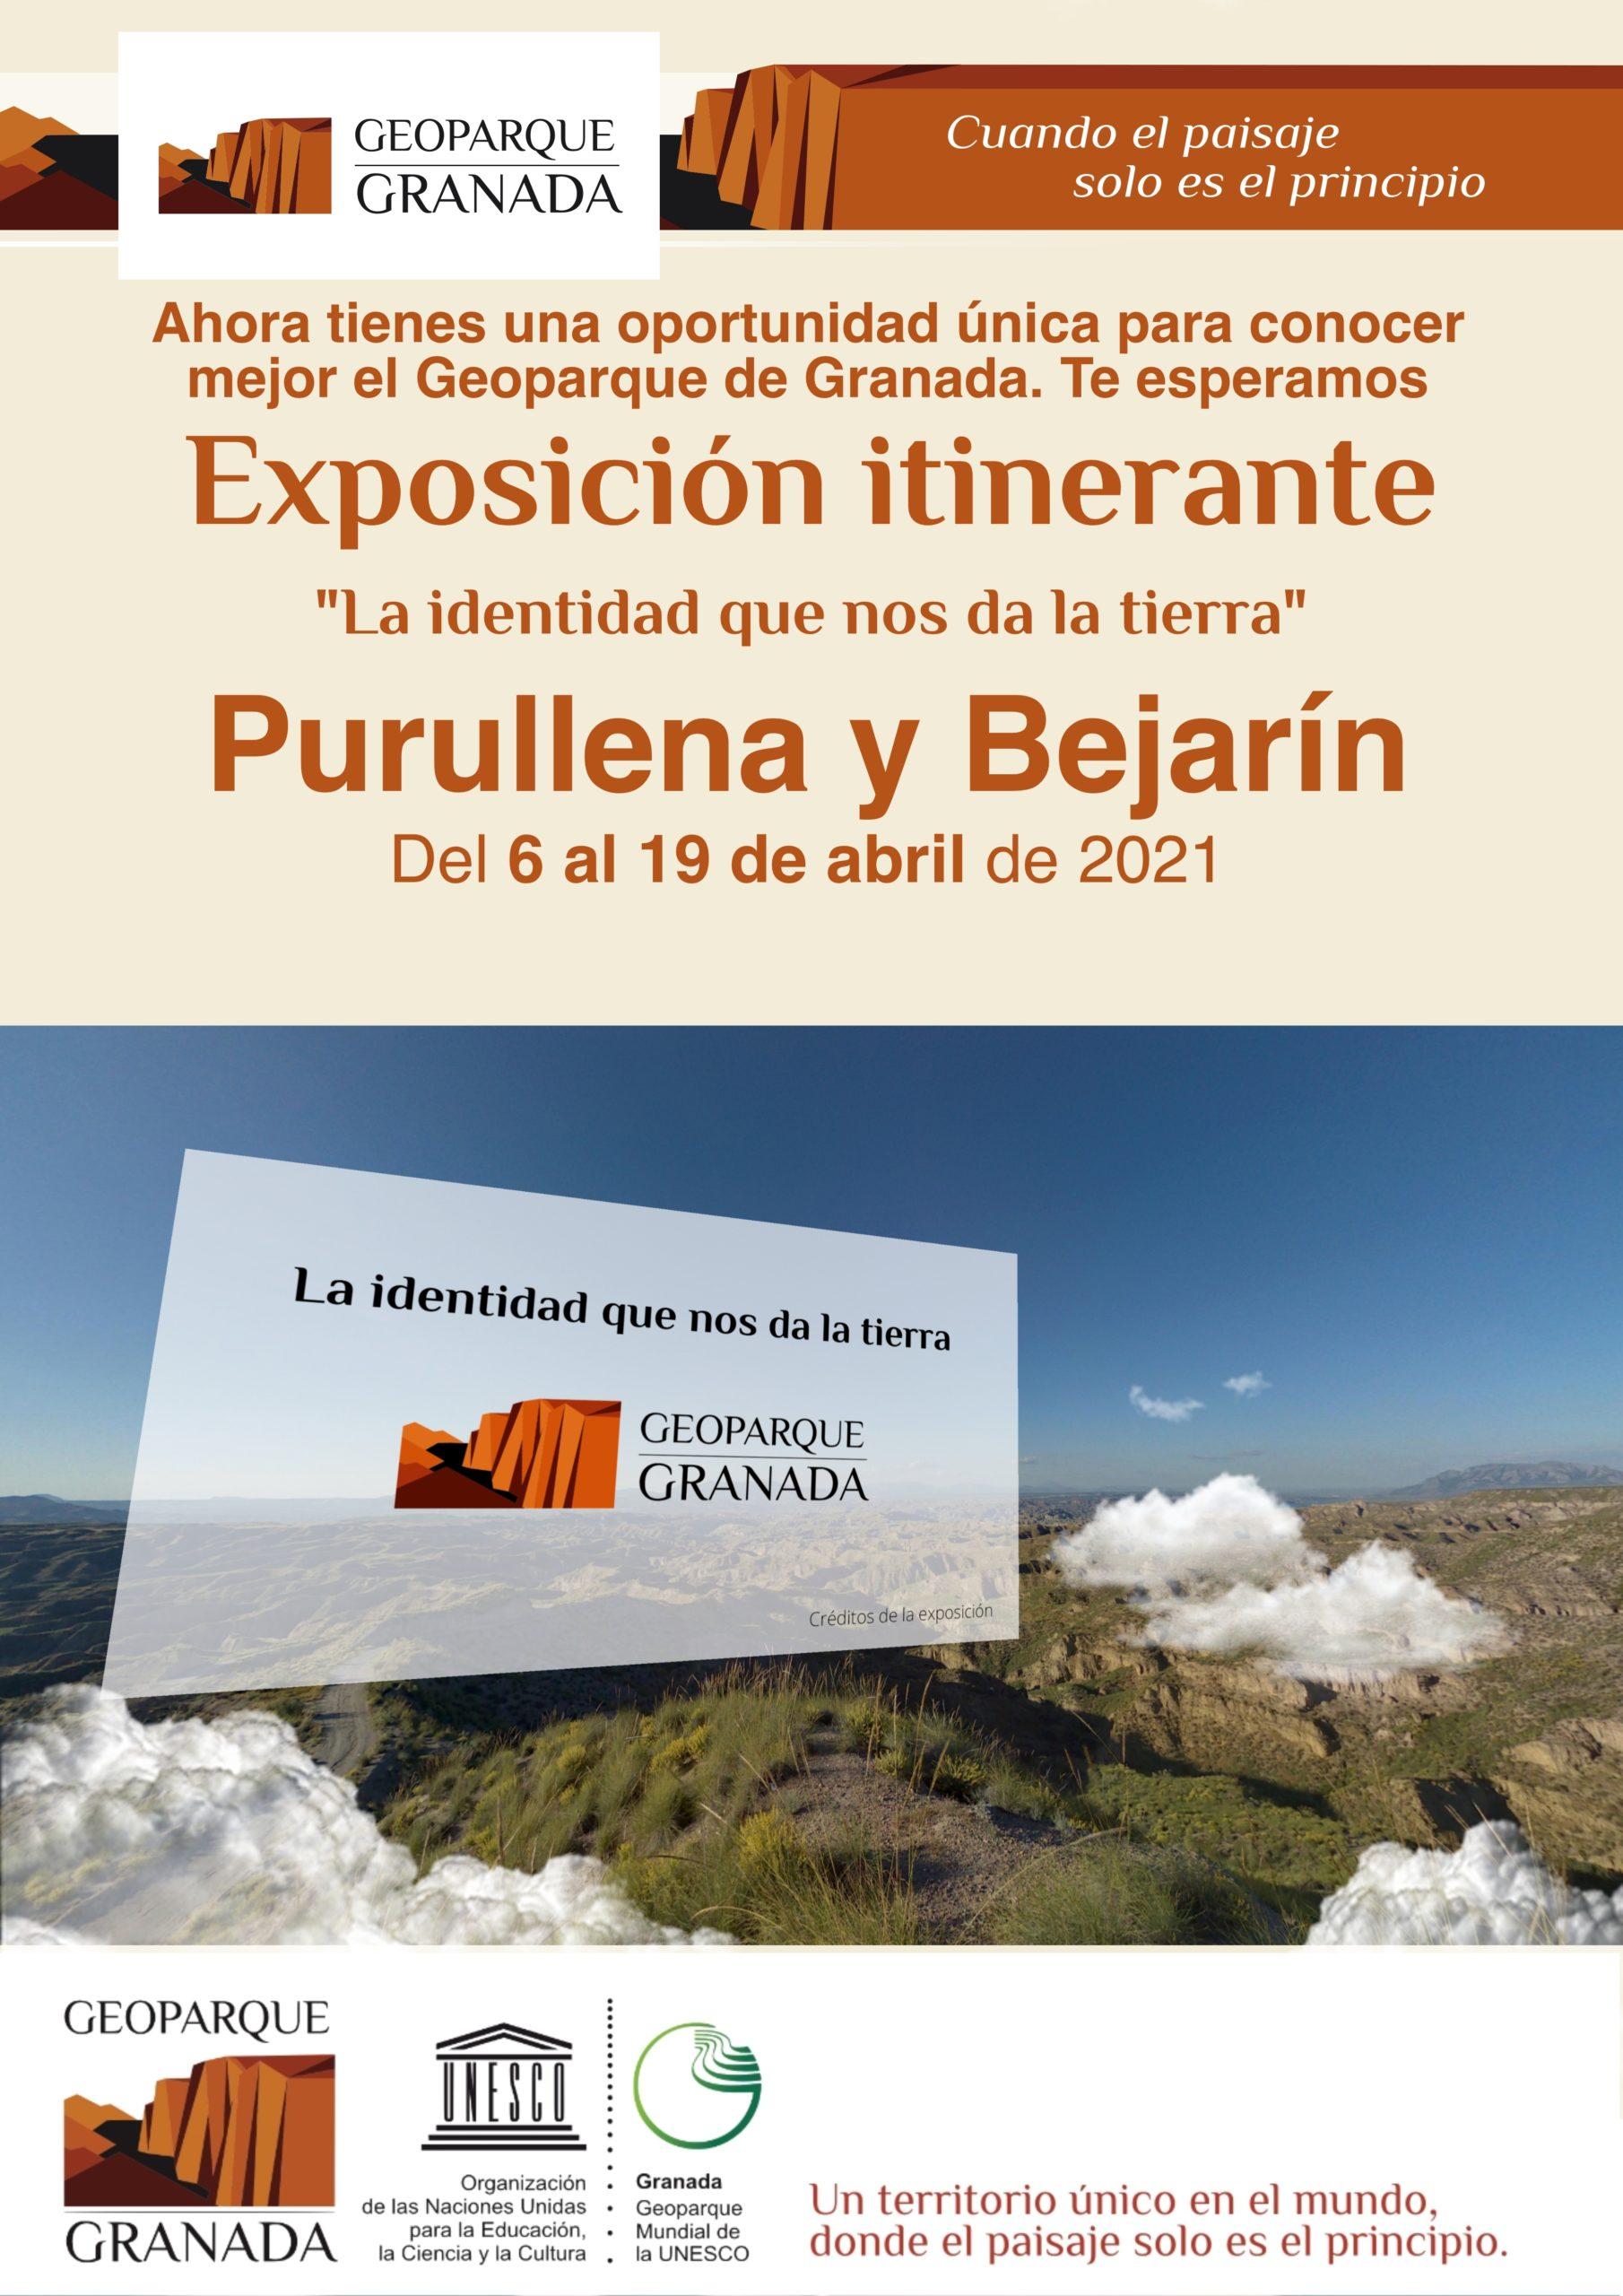 A3 CARTEL INFORMATIVO EXPOSICIÓN ITINERANTE purullena y bejarin scaled - Exposición sobre el Geoparque, en PURULLENA del 6 AL 19 de abril de 2021. - Geoparque de Granada